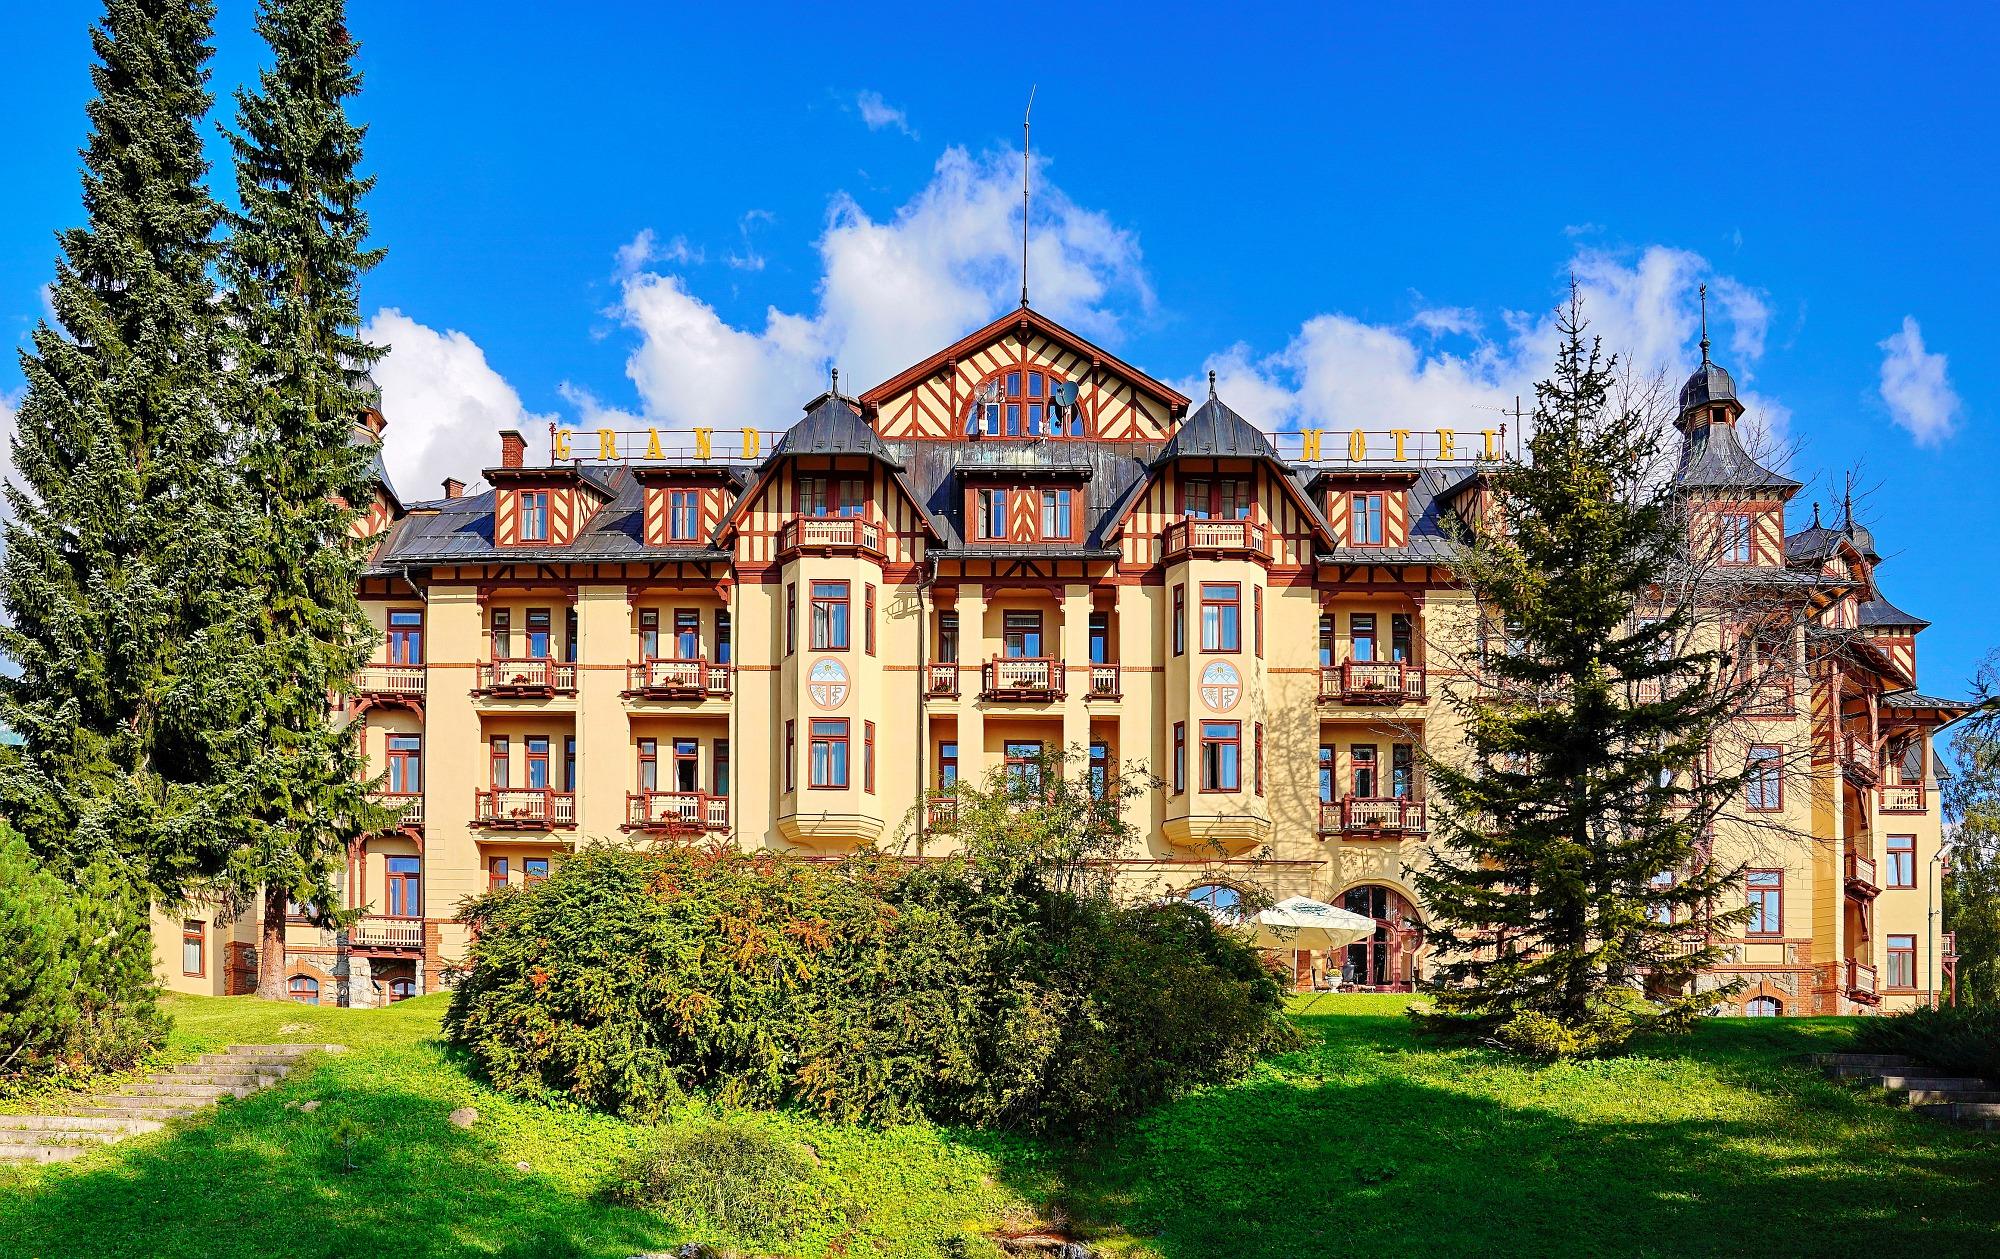 Tipy a zajímavosti / Grandhotel Starý Smokovec nabízí apartmány po slavných osobnostech